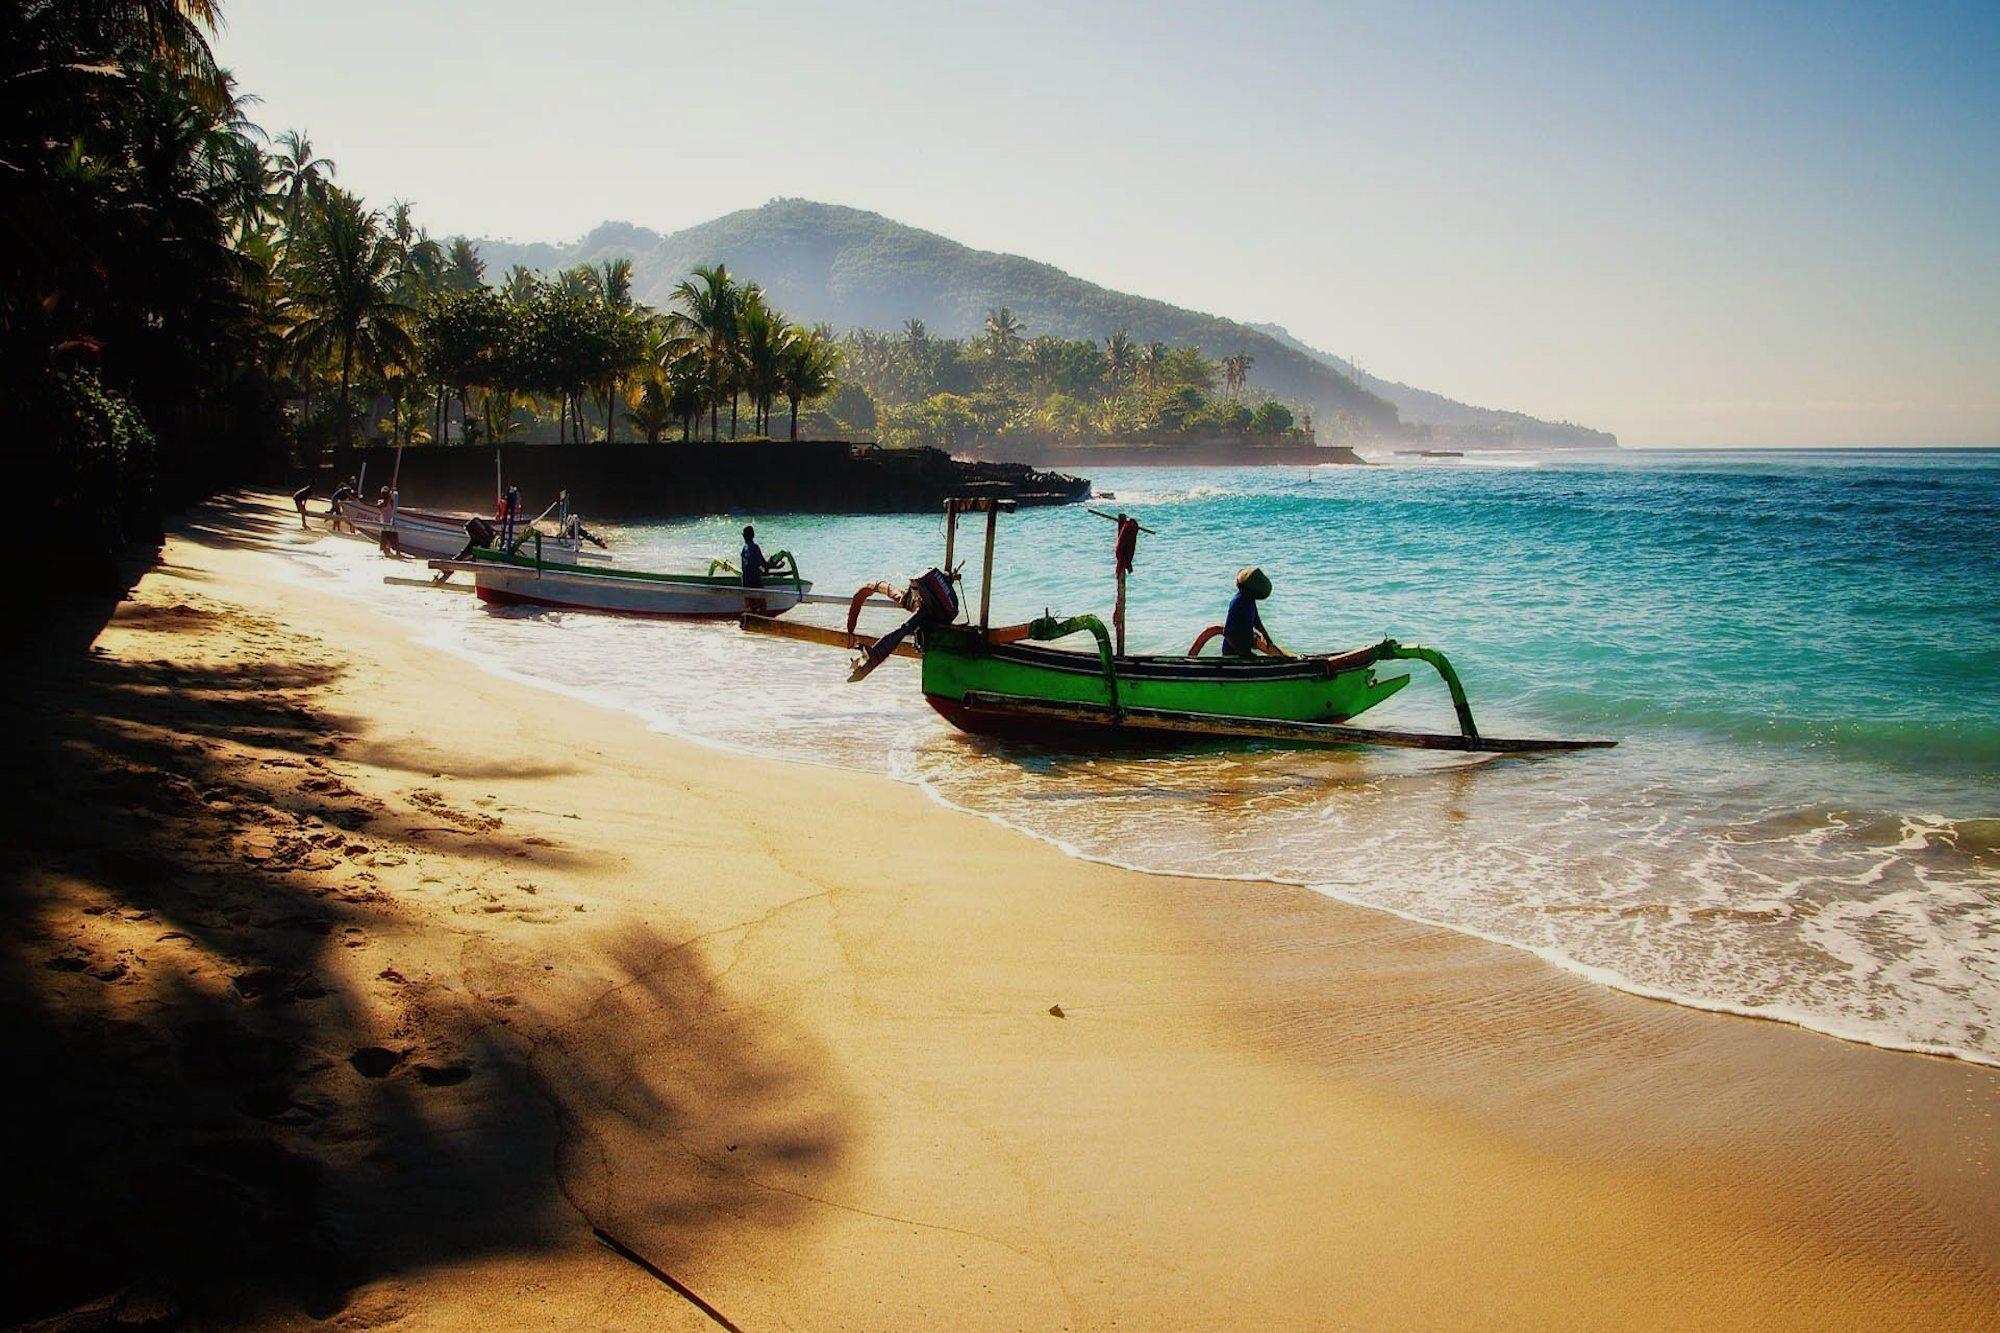 Det klassiske Bali eventyr